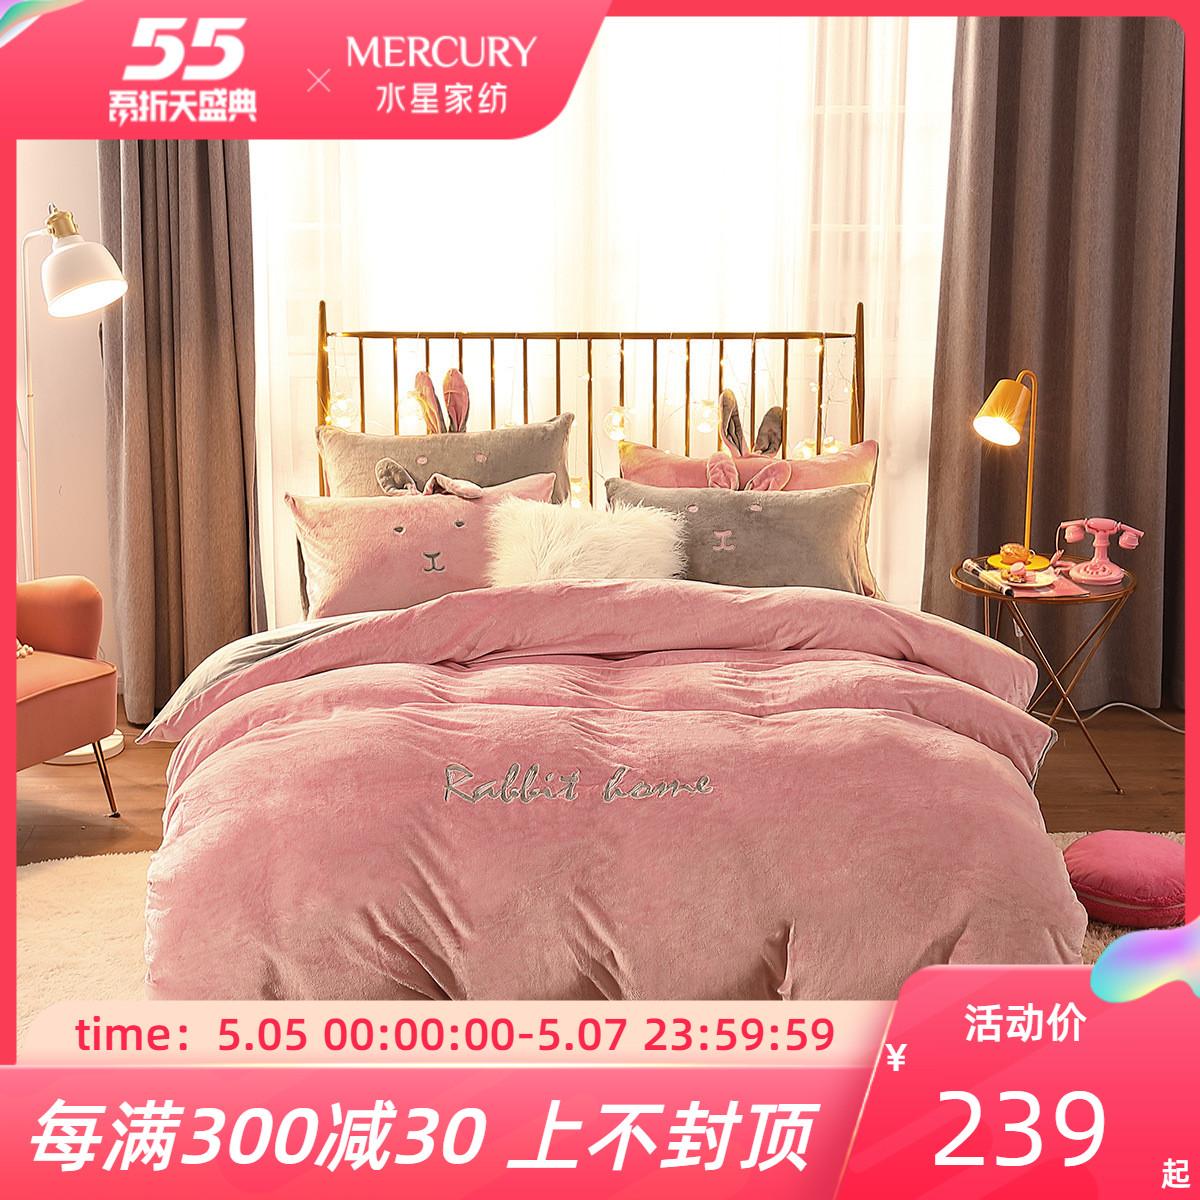 Mercury Home Dệt Flannel Bộ đồ giường bốn mảnh dày ấm nhung Công chúa phong cách Suite Bộ ga trải giường Ấm Mạnh Thỏ - Bộ đồ giường bốn mảnh